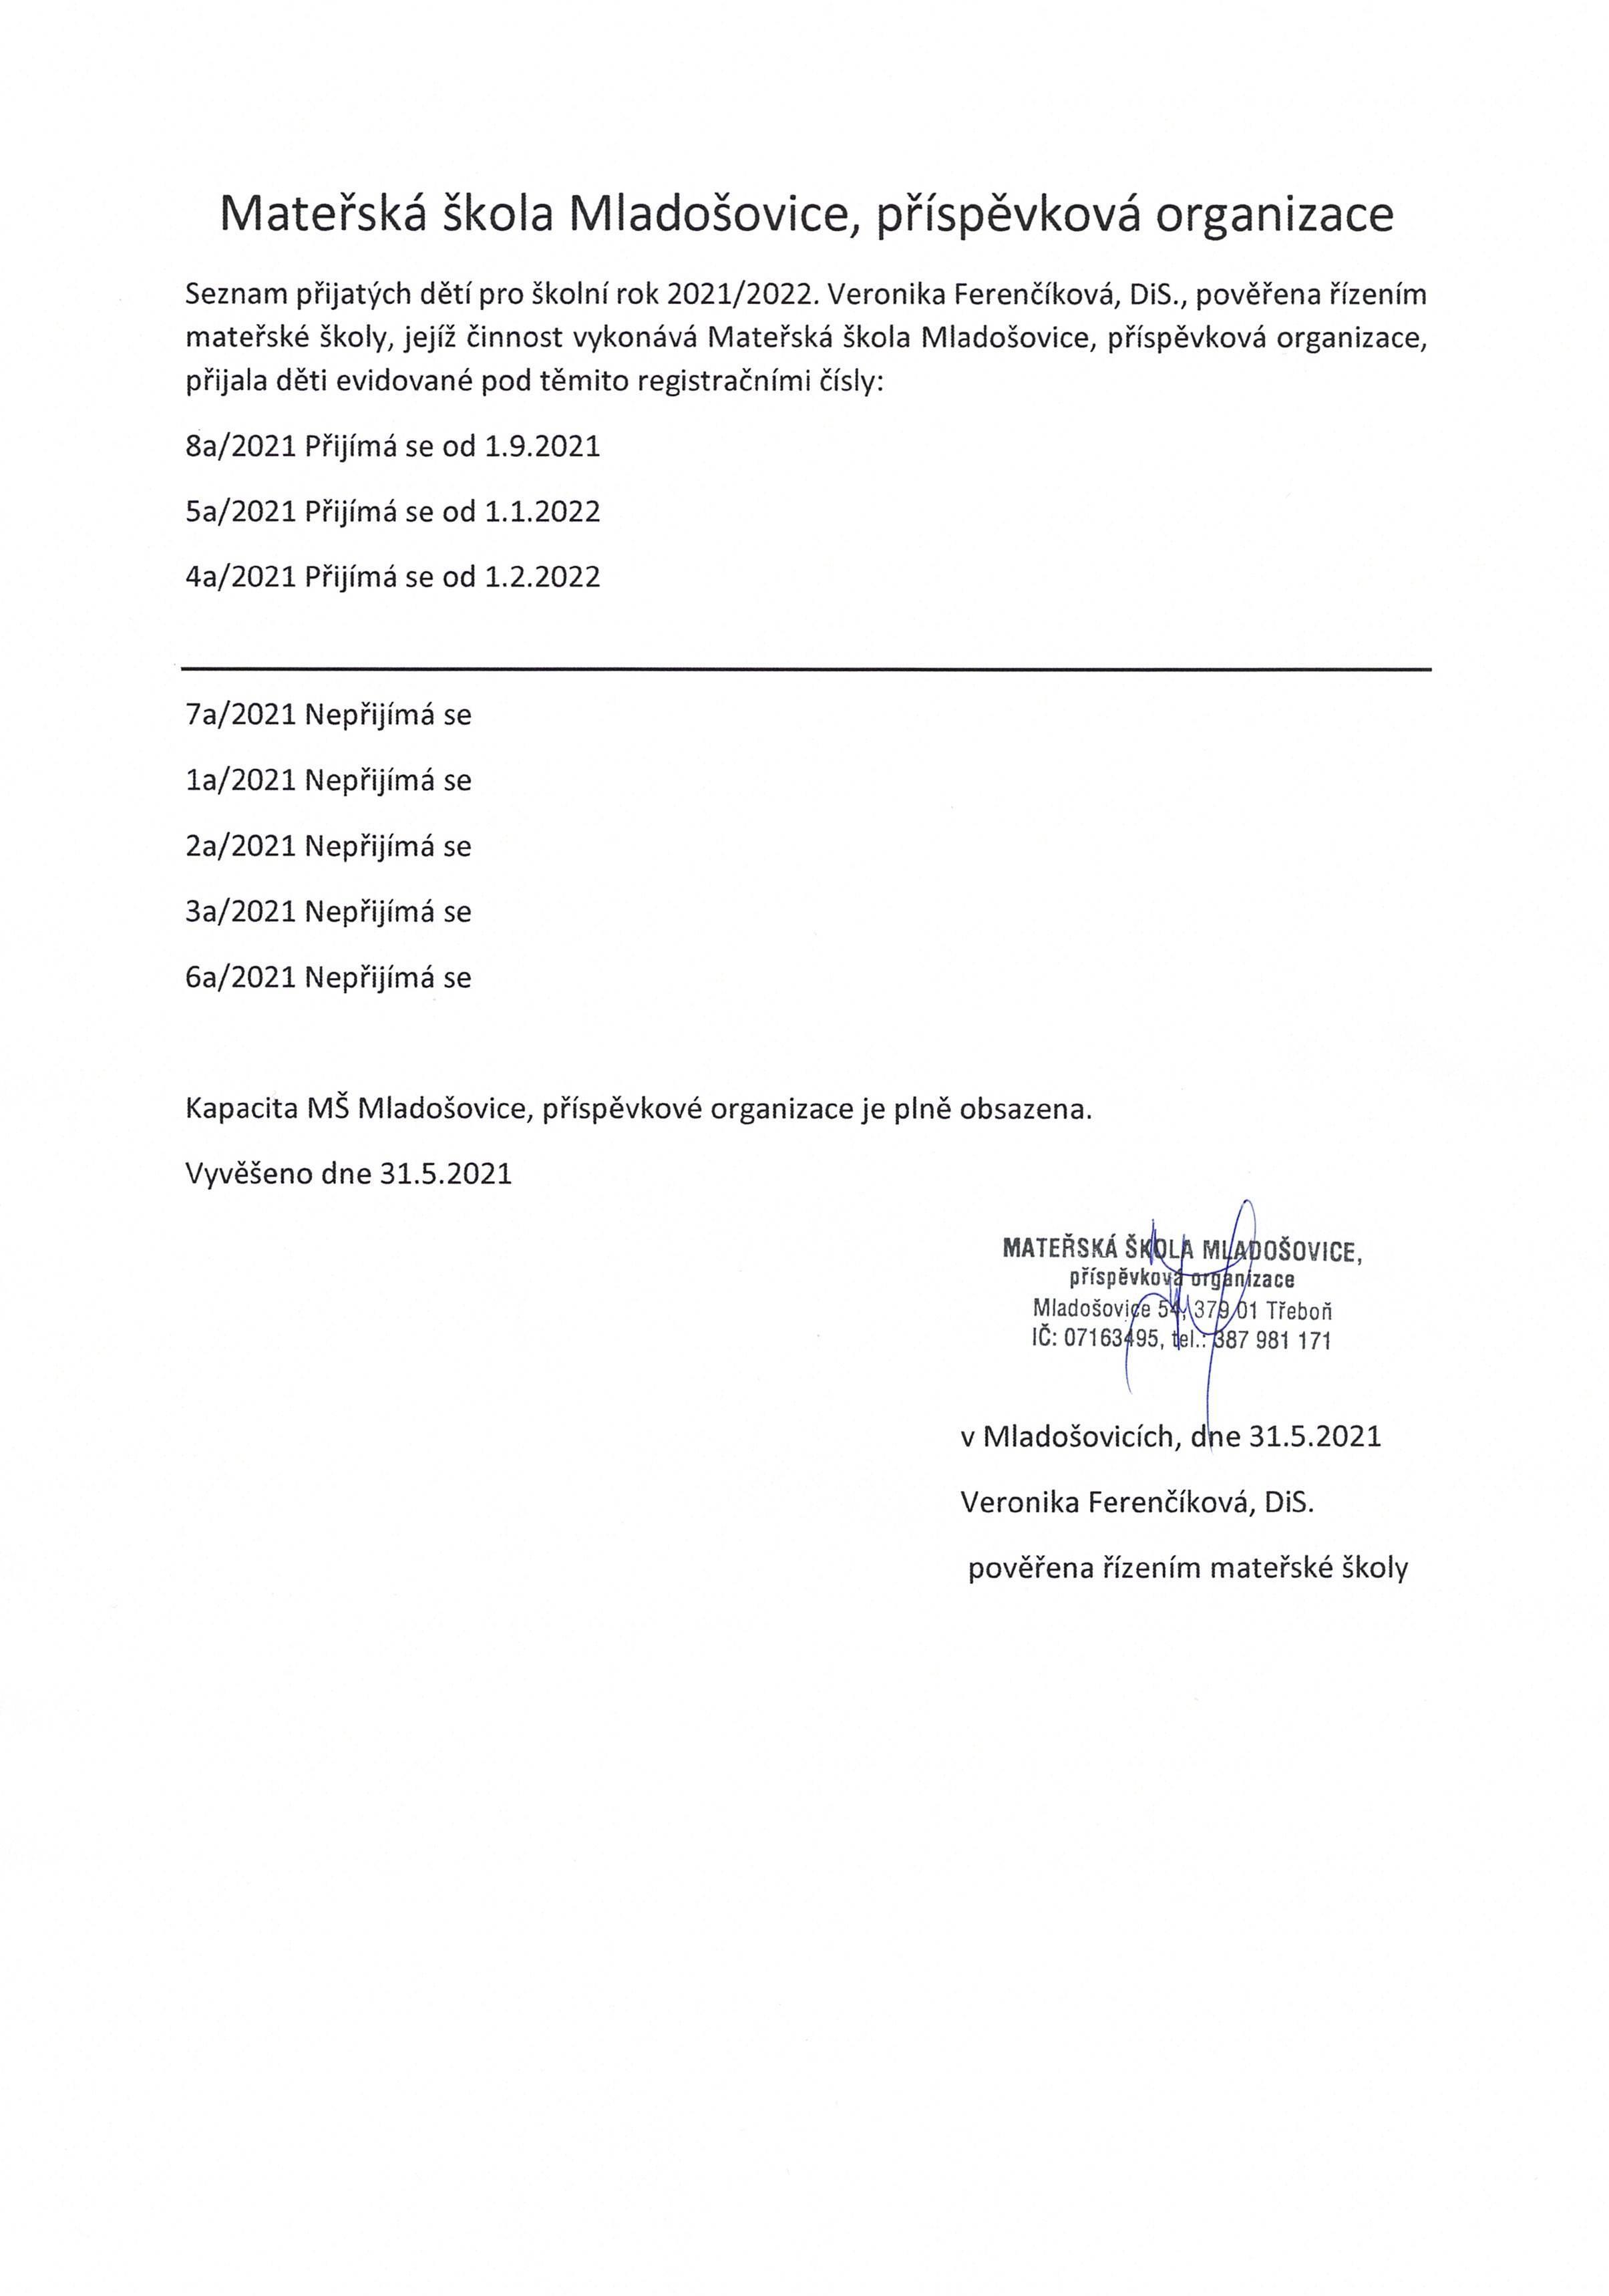 Výsledky přijímacího řízení 2021/2022